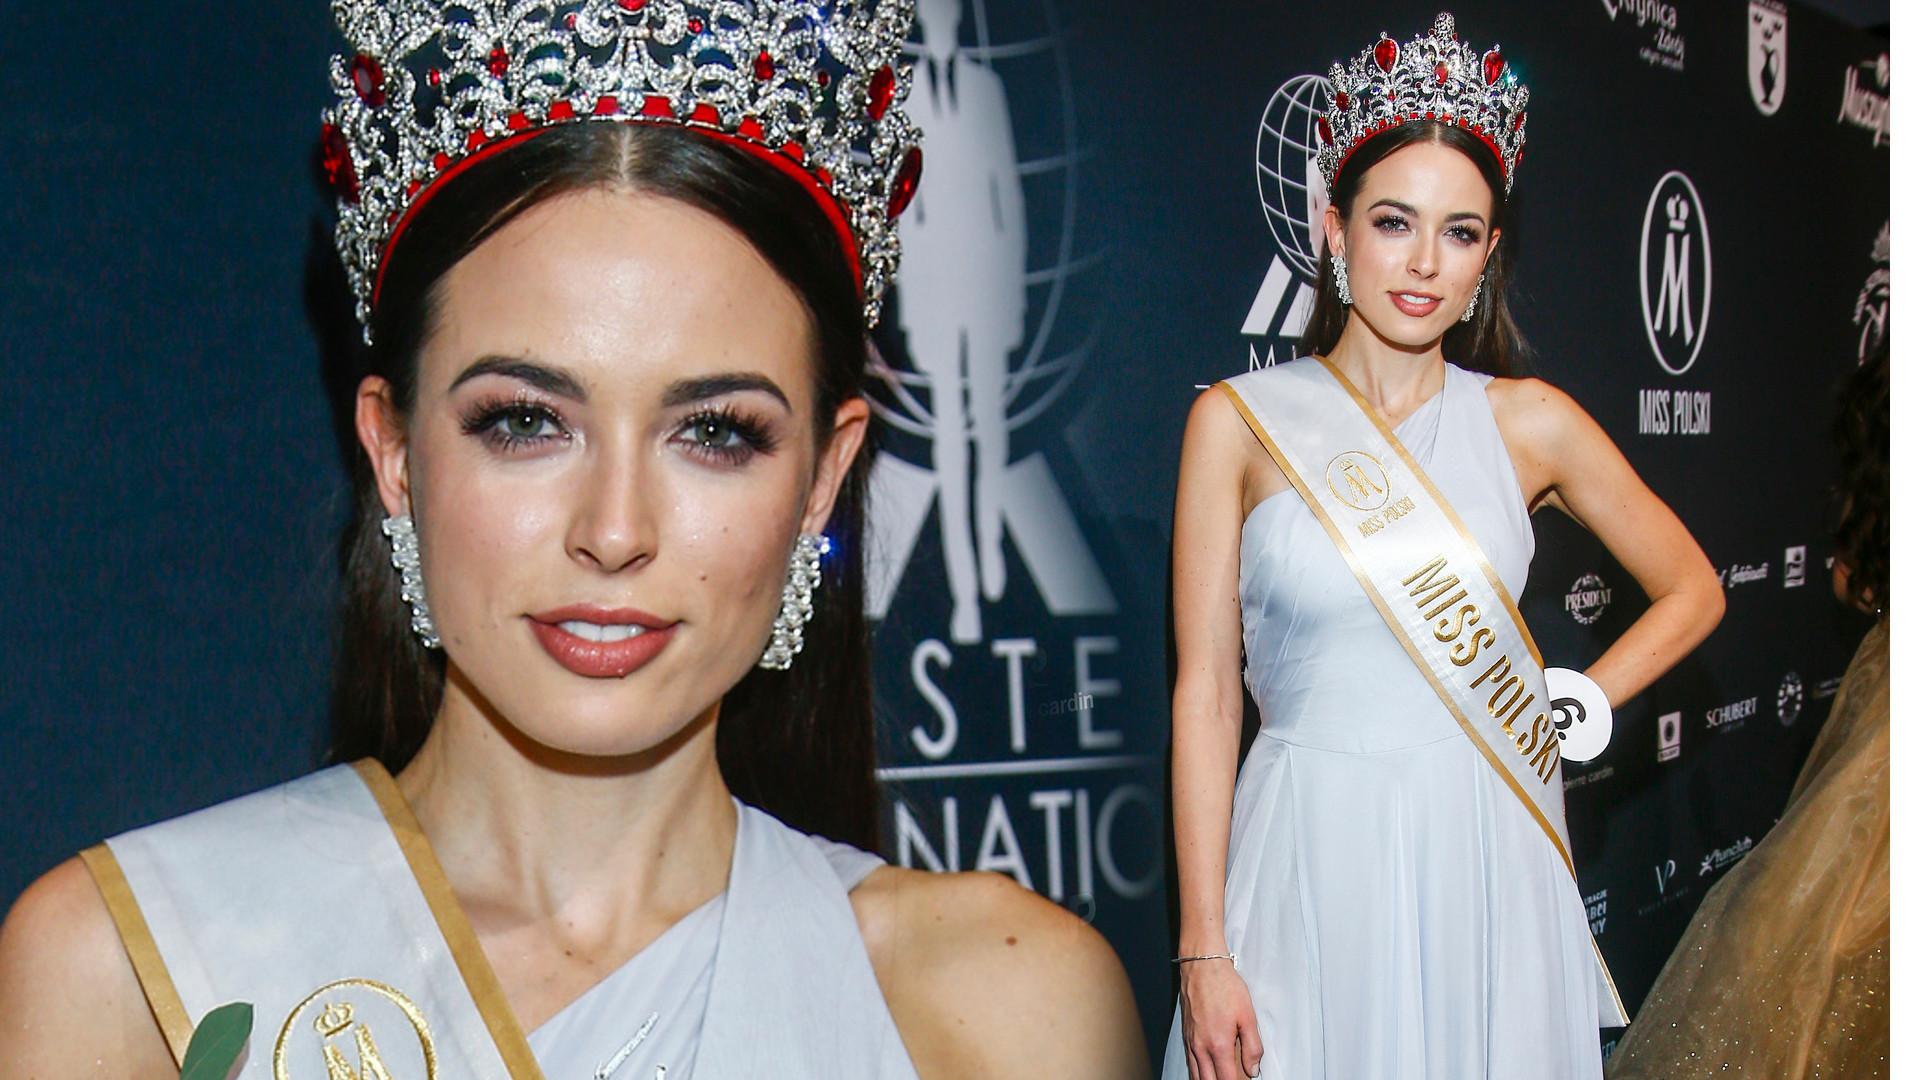 Olga Buława, nowa Miss Polski – zdjęcia z finału konkursu